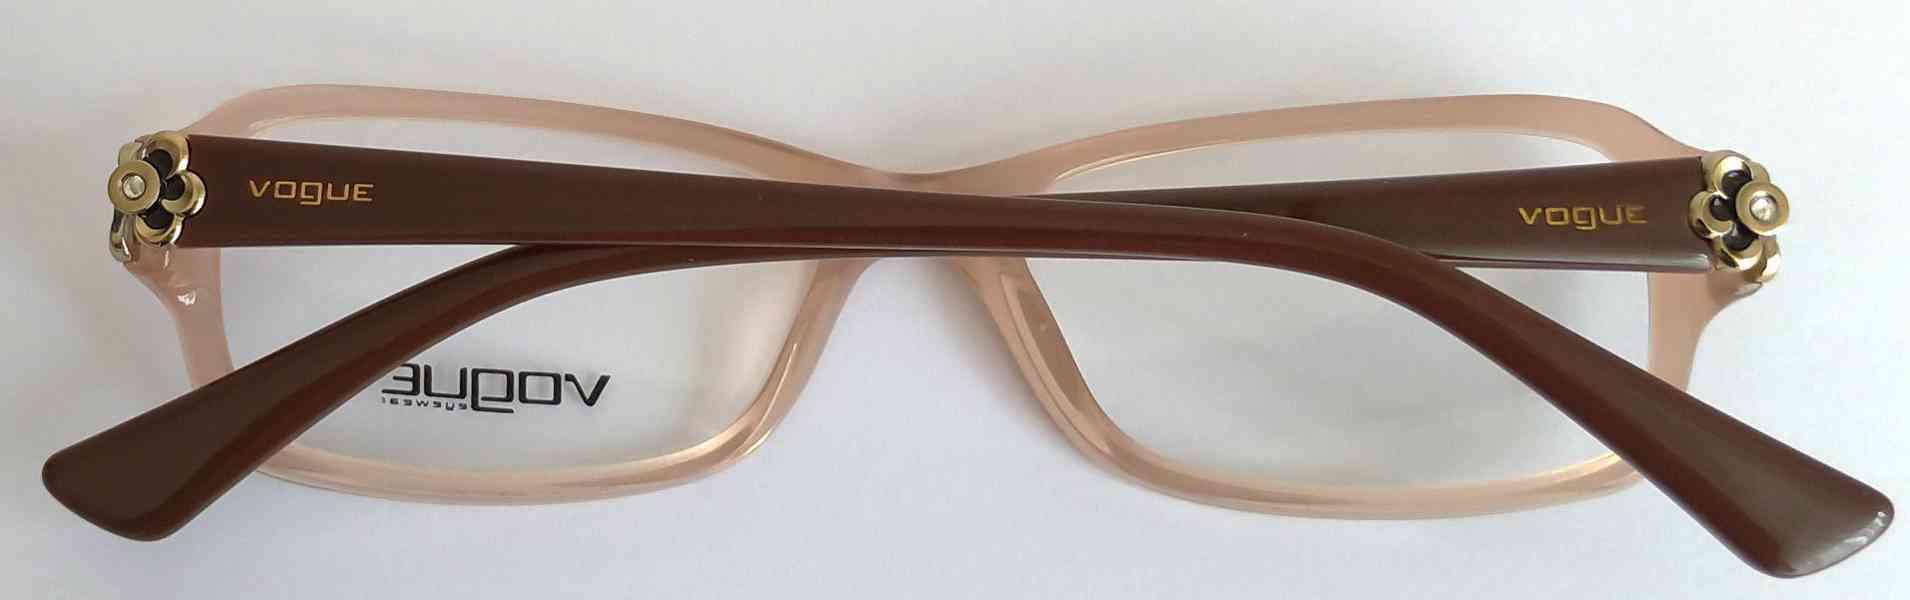 VOGUE VO 2836-B dámské brýlové obruby 51-16-135 MOC:3200 Kč - foto 2